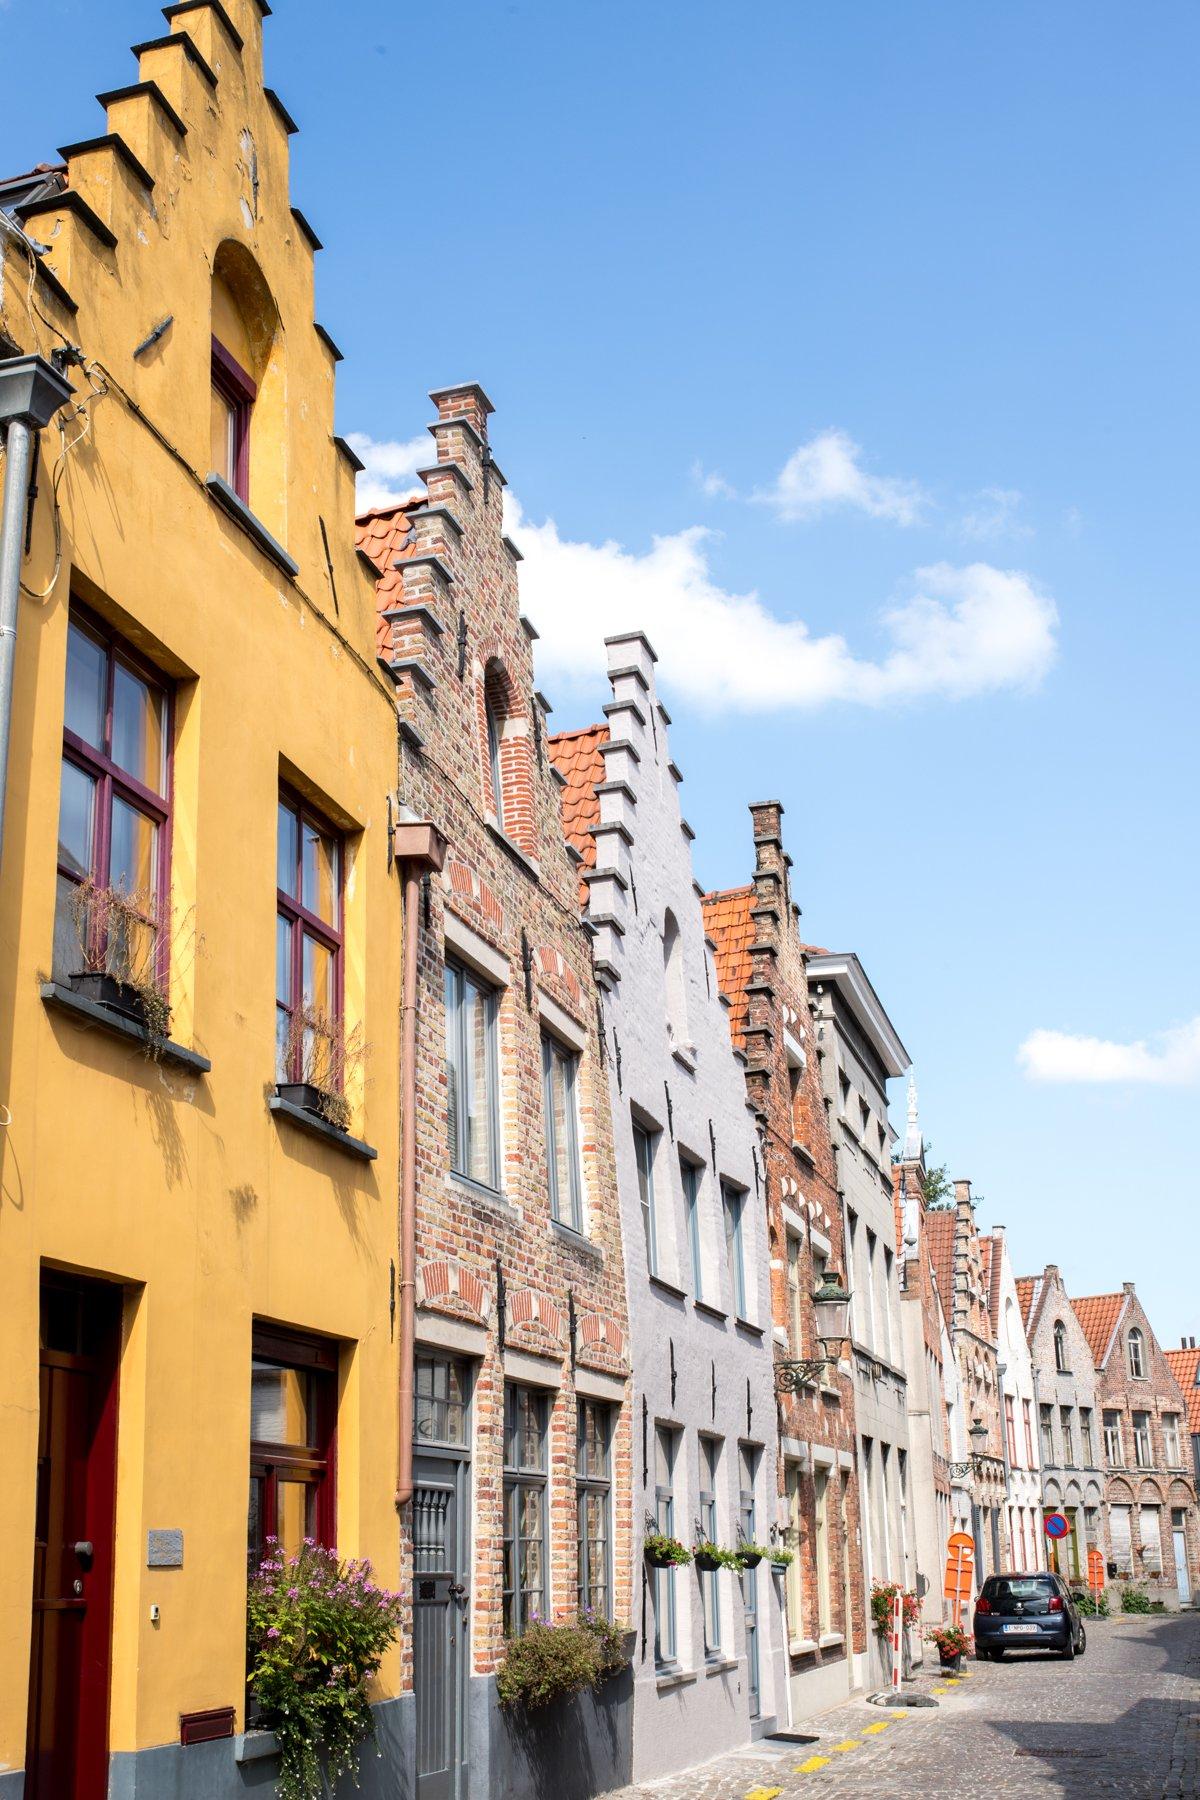 Stacie Flinner Brugge City Guide-2.jpg